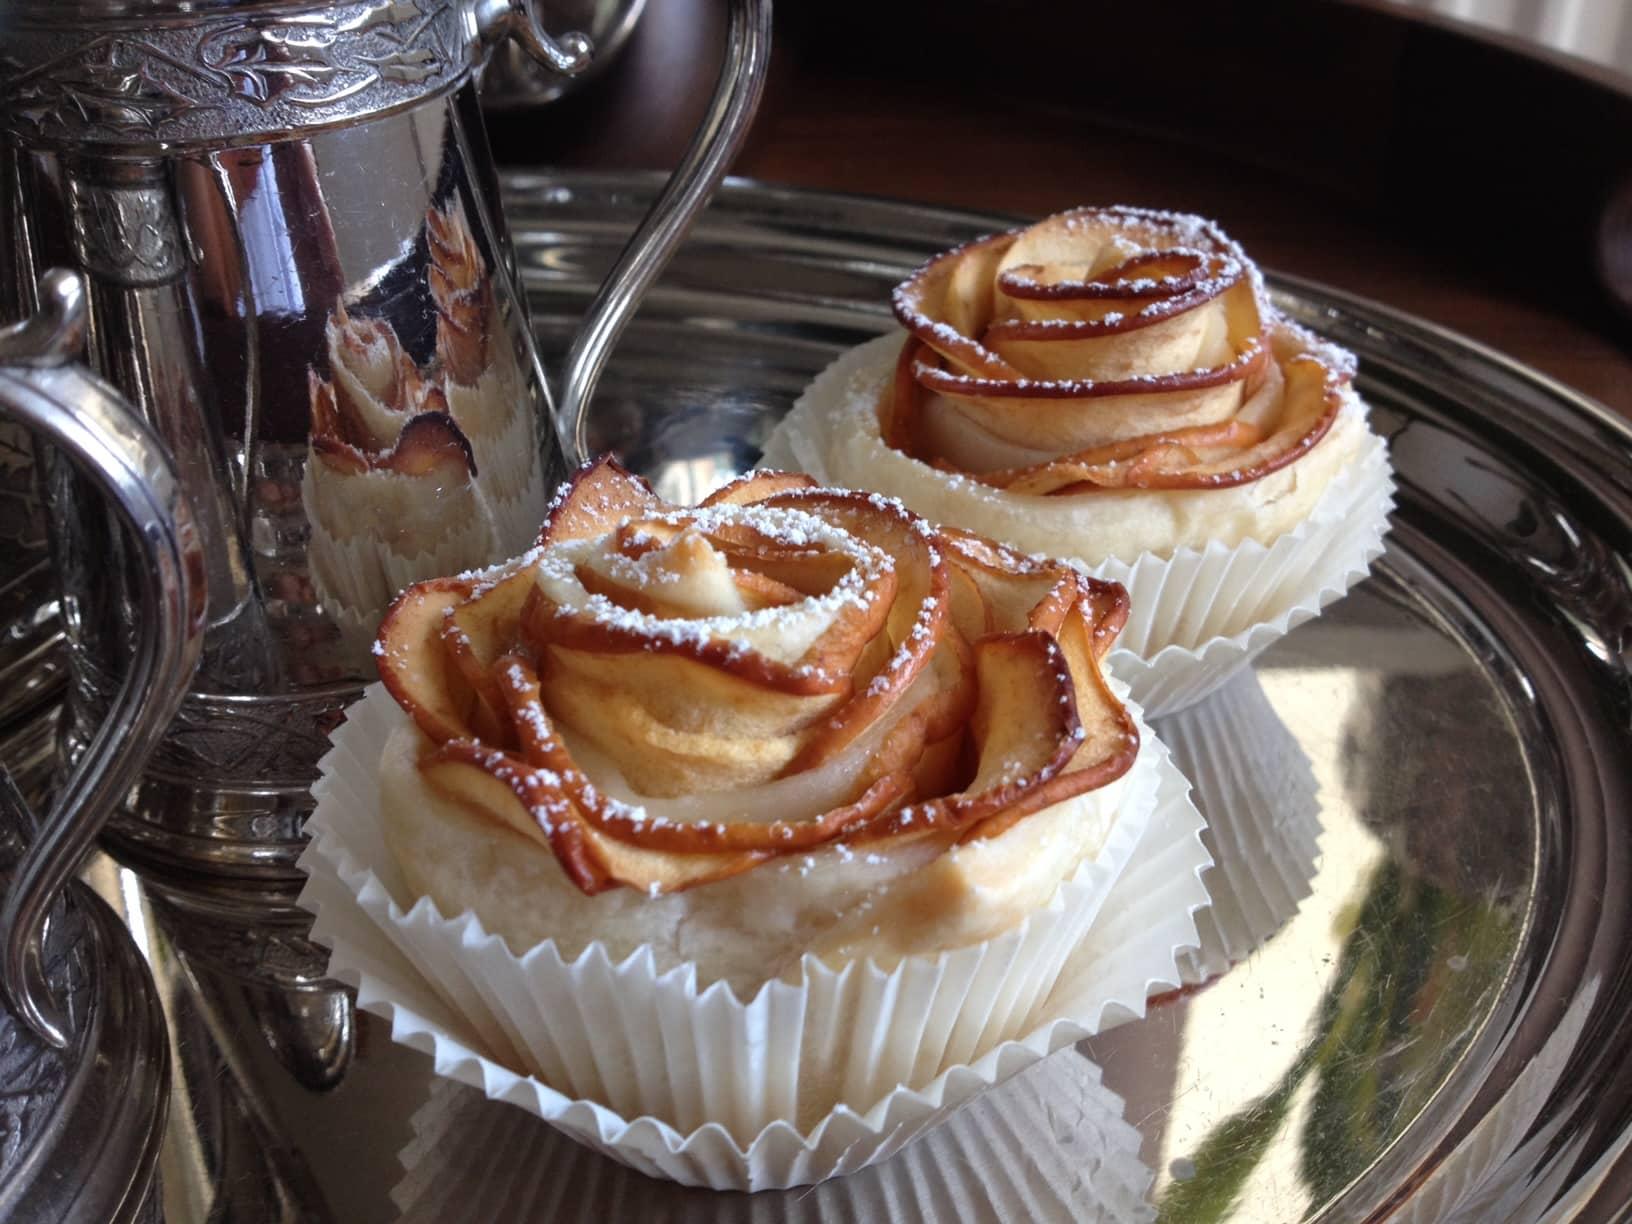 Kaffee, Tee, Apfelrosen, Muffins, backen, lecker, Blätterteig, Oho, Carl tode, Göttingen